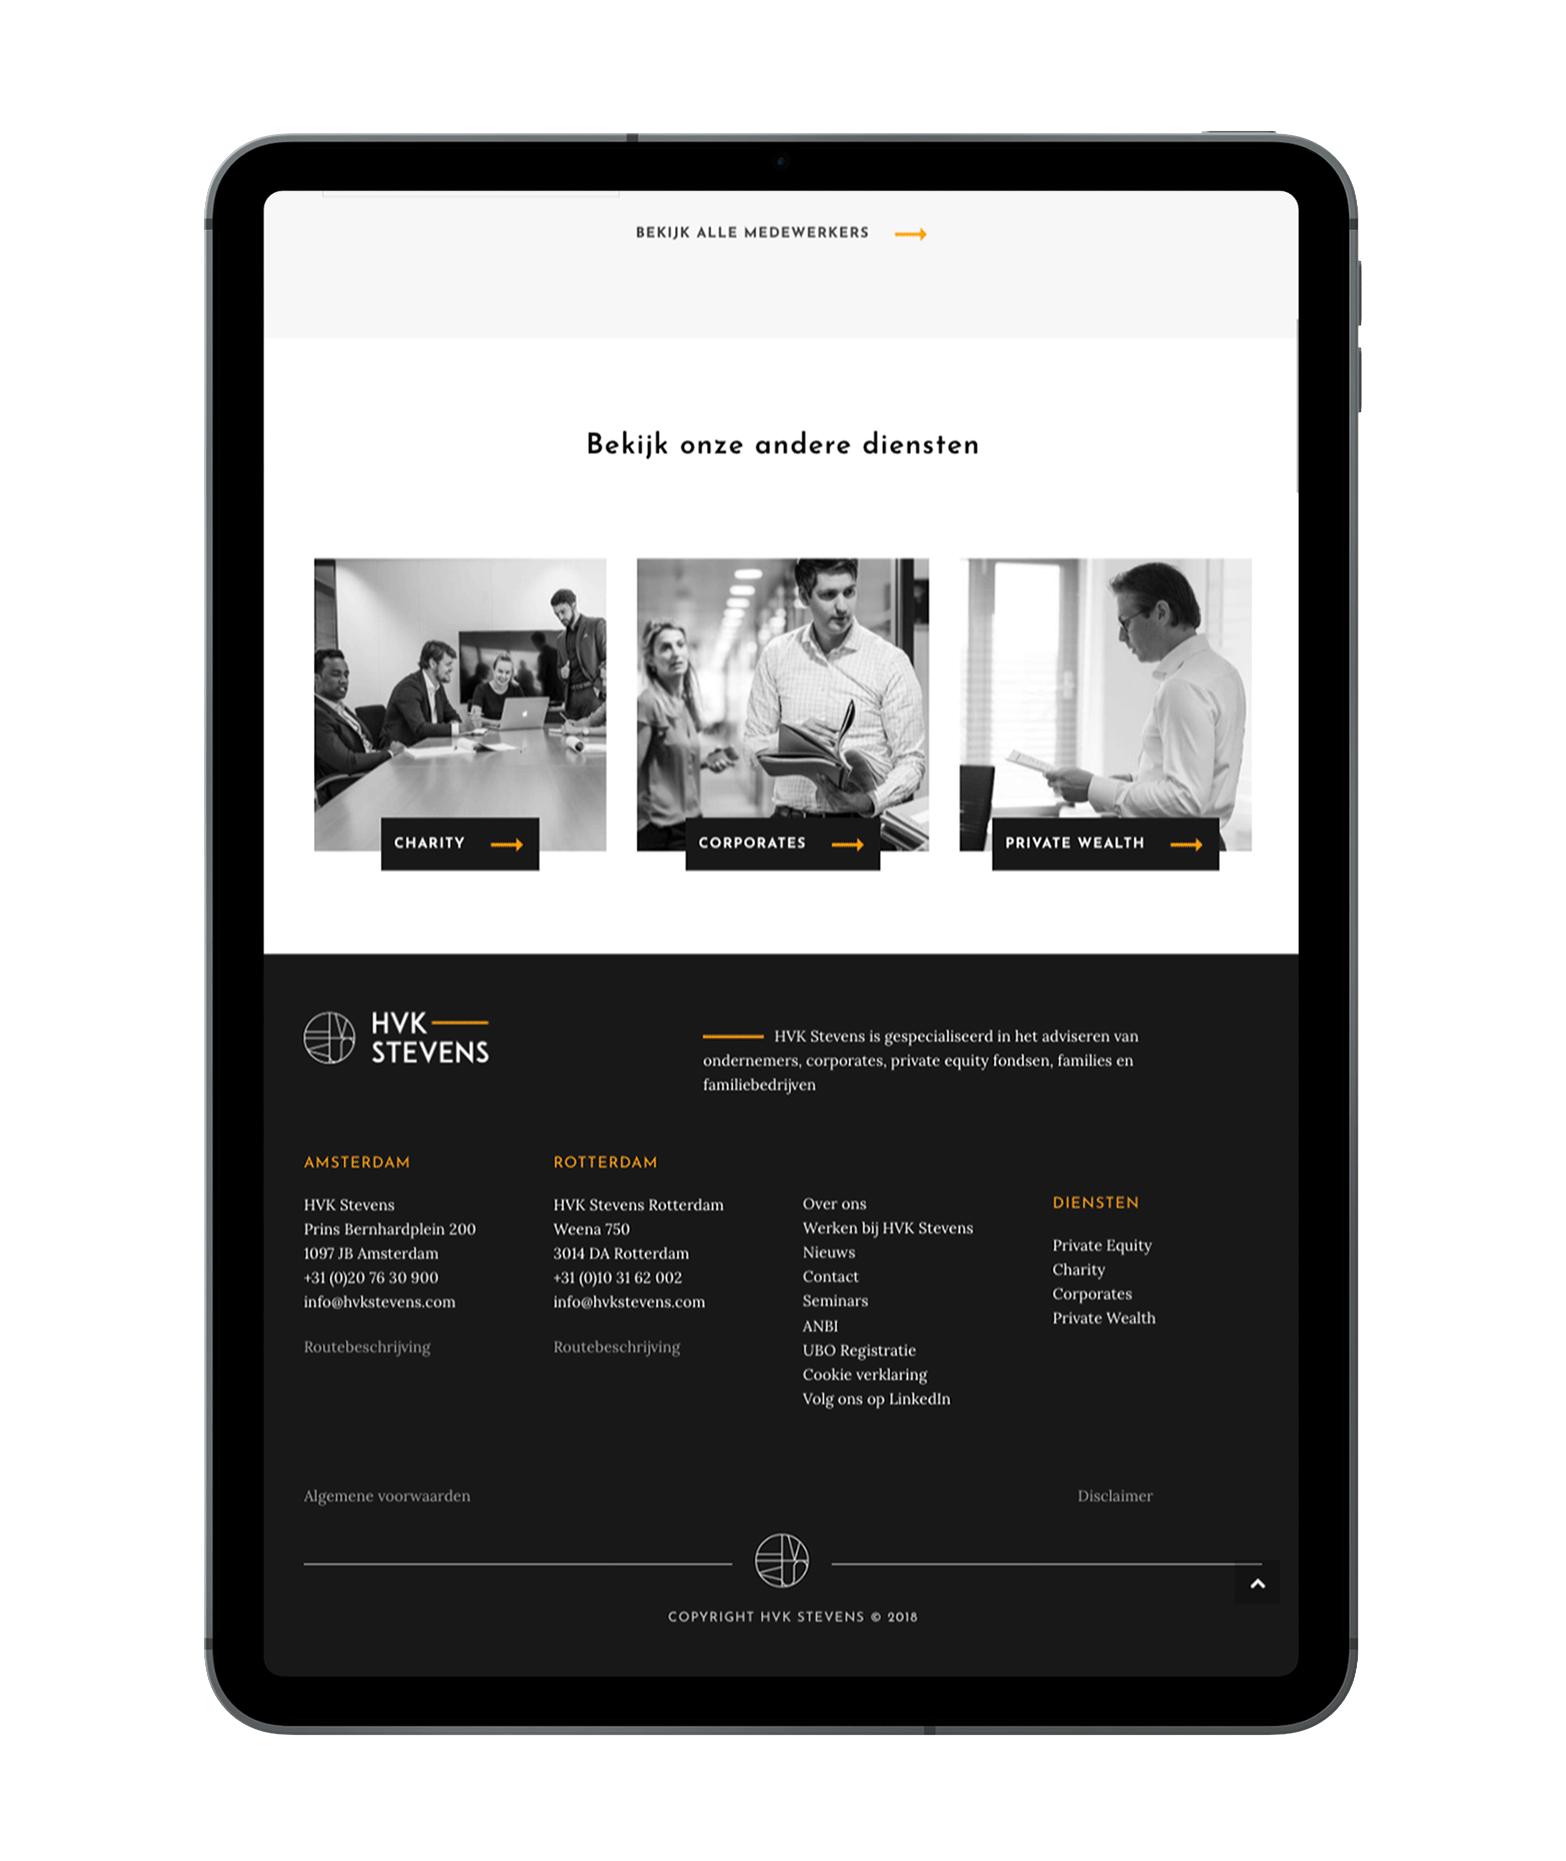 HVK Stevens website wergegeven op een iPad